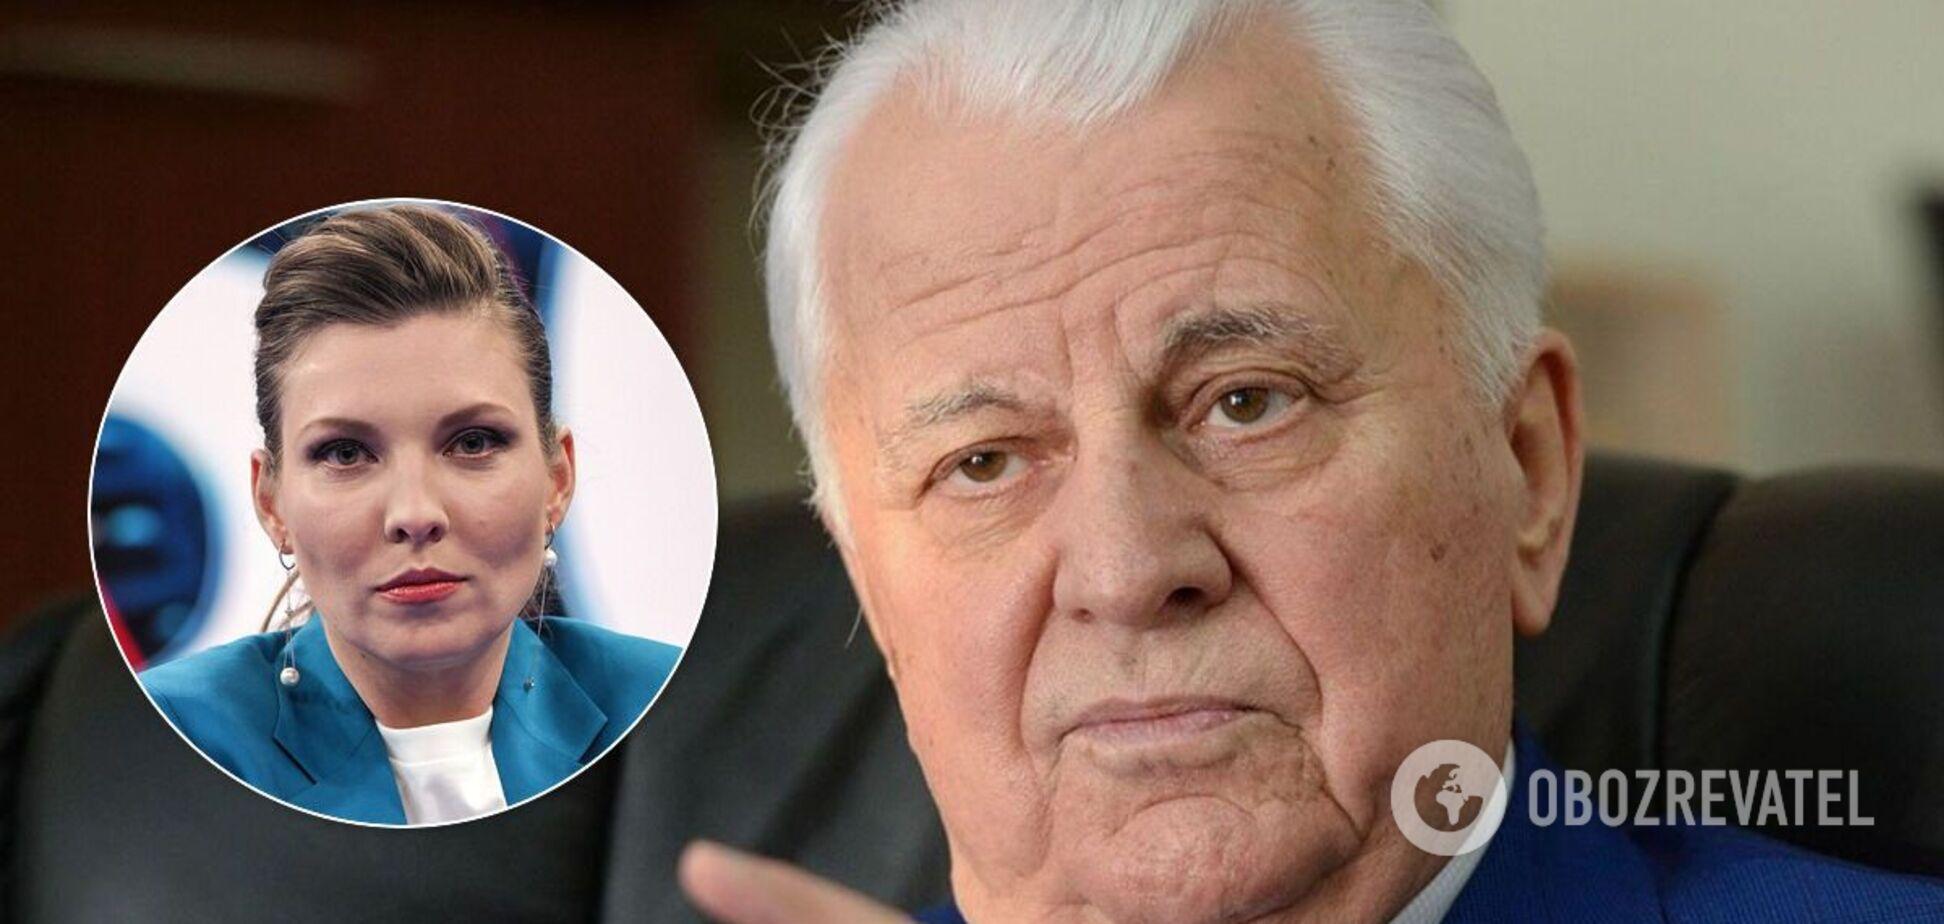 Леонід Кравчук заявив, що поважає Ольгу Скабєєву